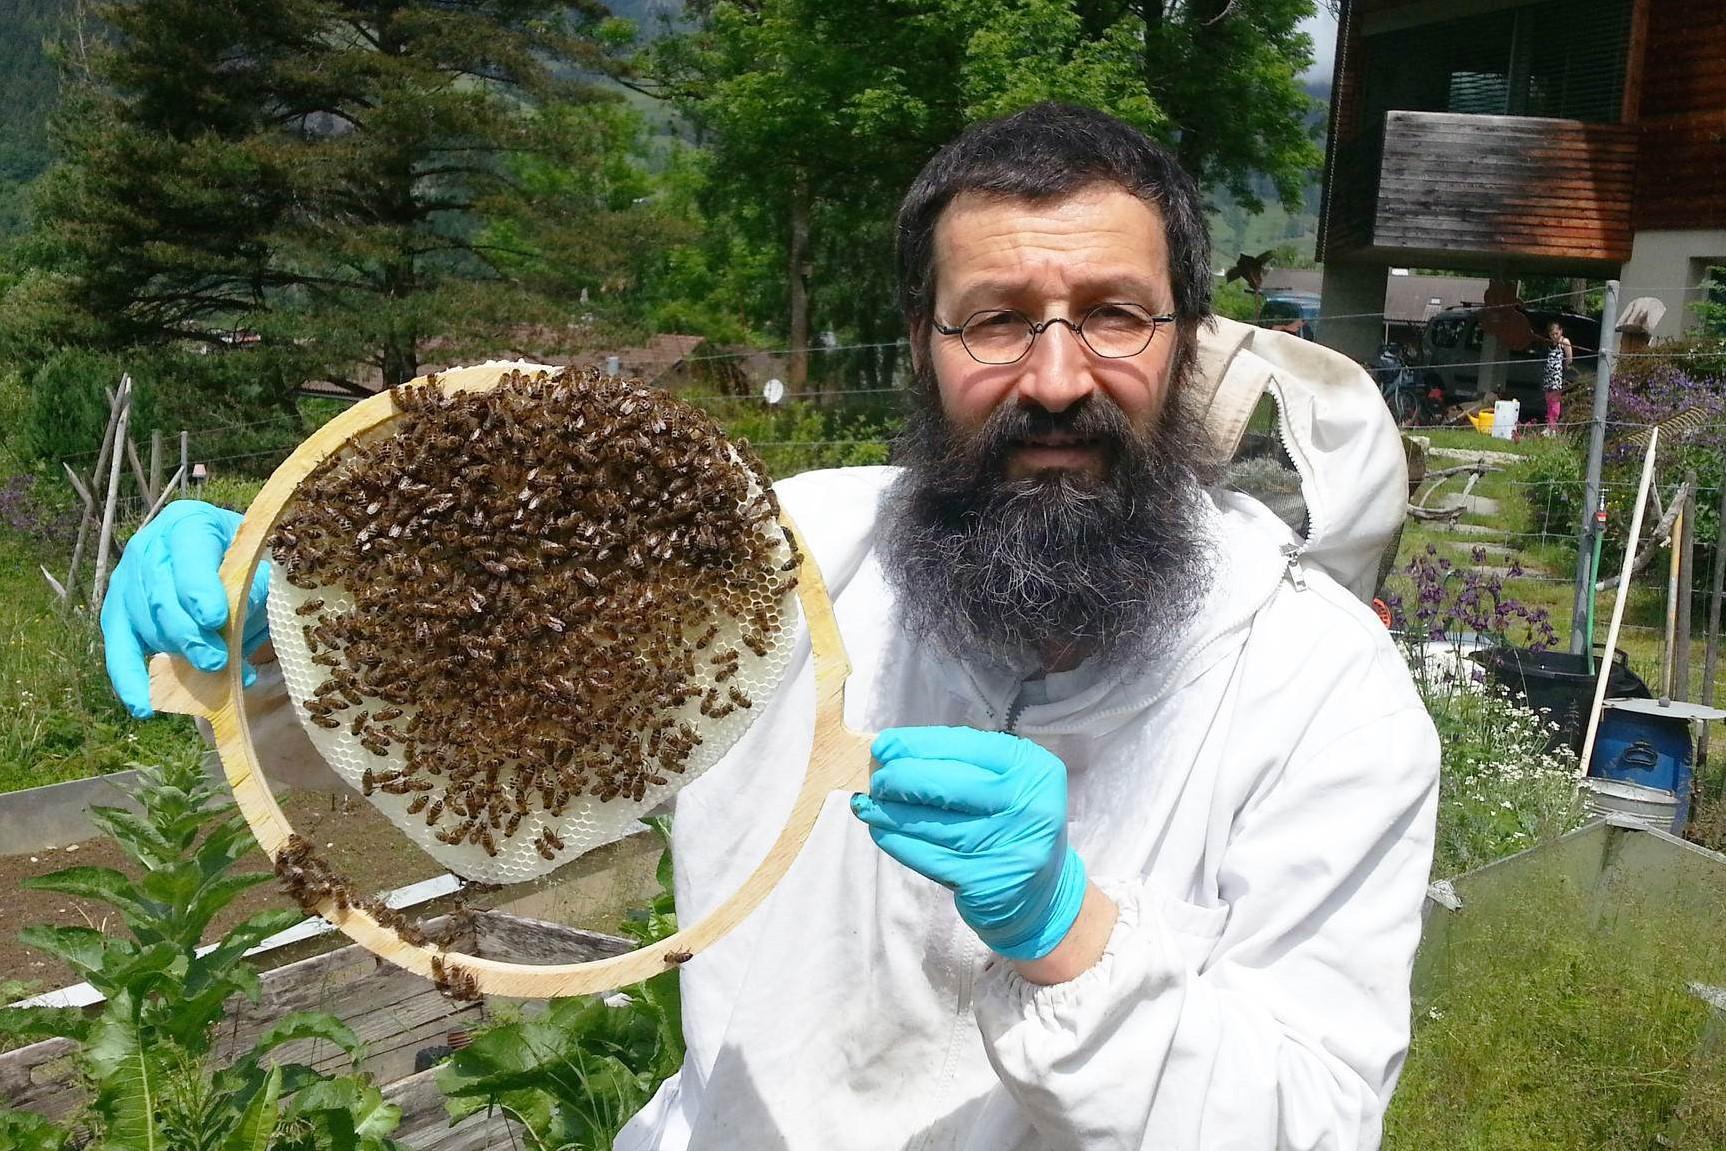 <br>Vom Honig-Genuss und <br /> der Wertschätzung für die Natur